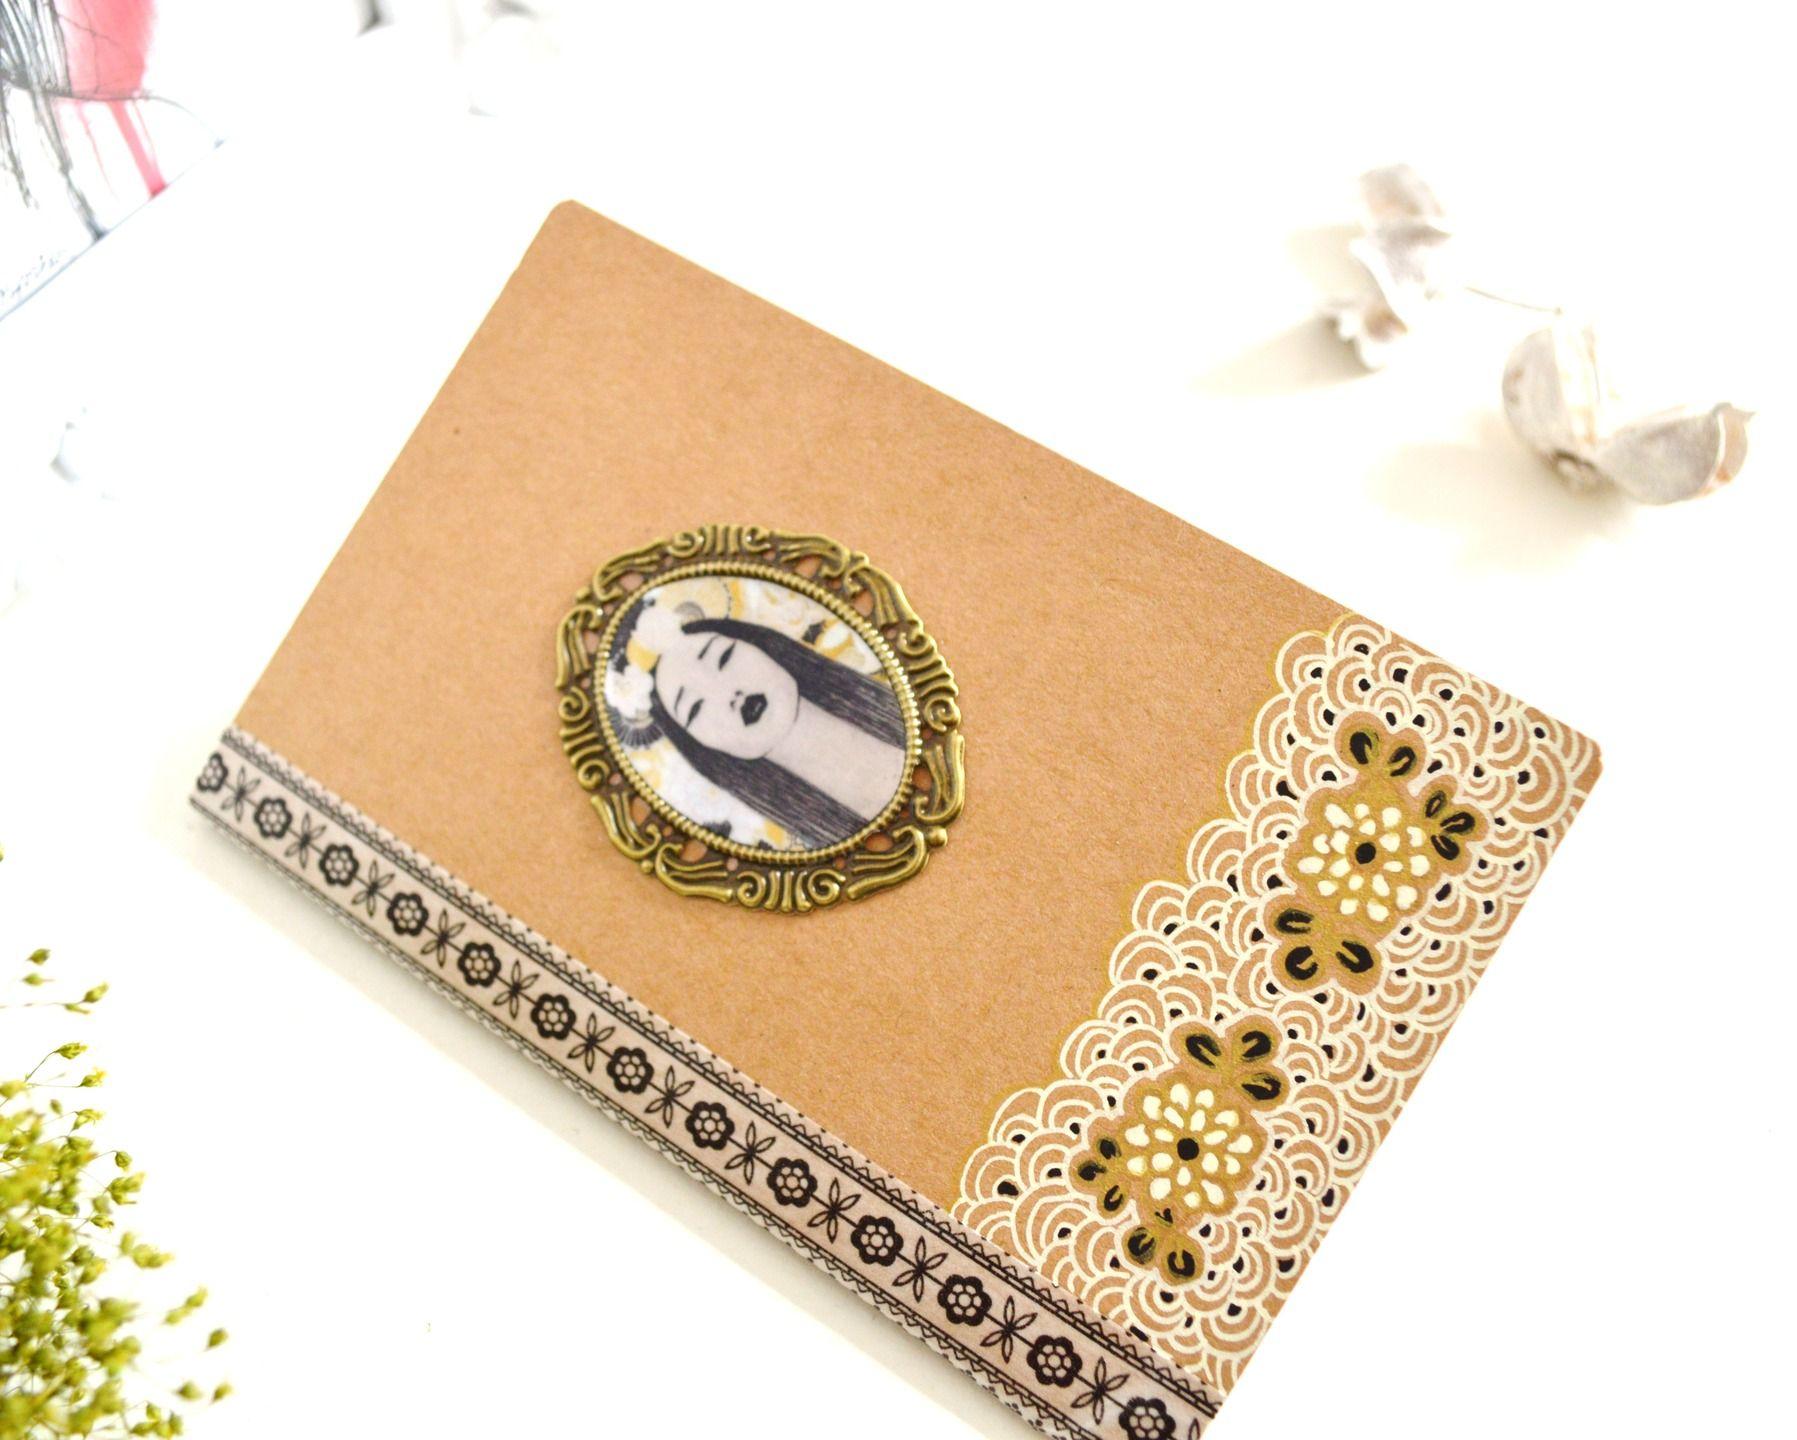 Carnet Kraft de style japonais, illustré geisha et motifs washi noirs, dorés et blancs peints à la main. : Carnets, agendas par mes-tites-lilis